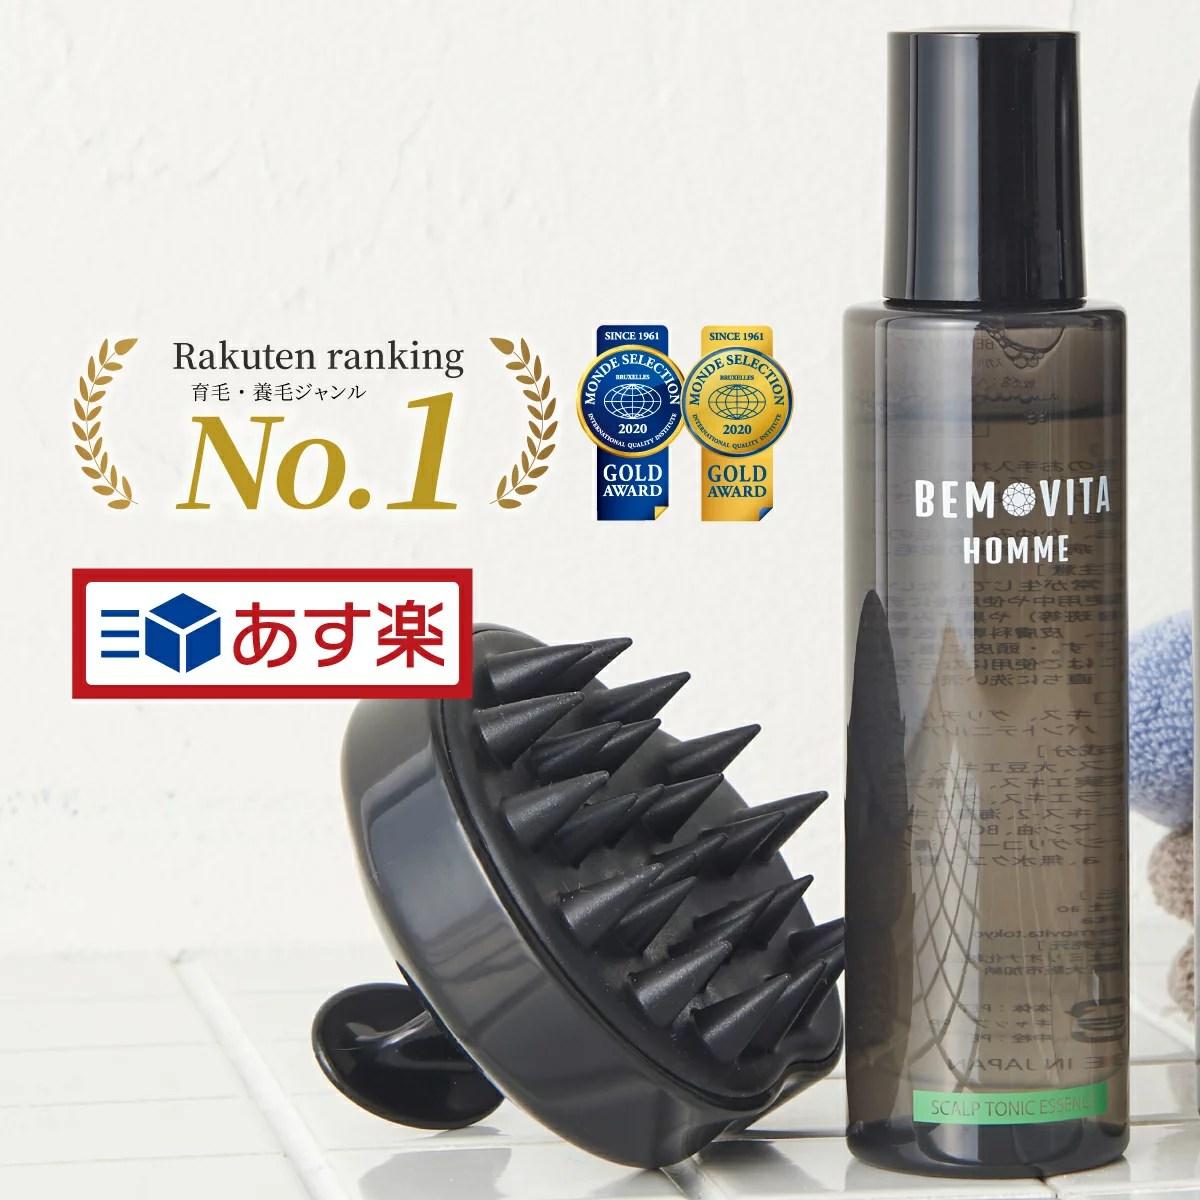 18日限定ポイントアップ ランキング1位 金賞受賞 BEMOVITA 育毛剤 男